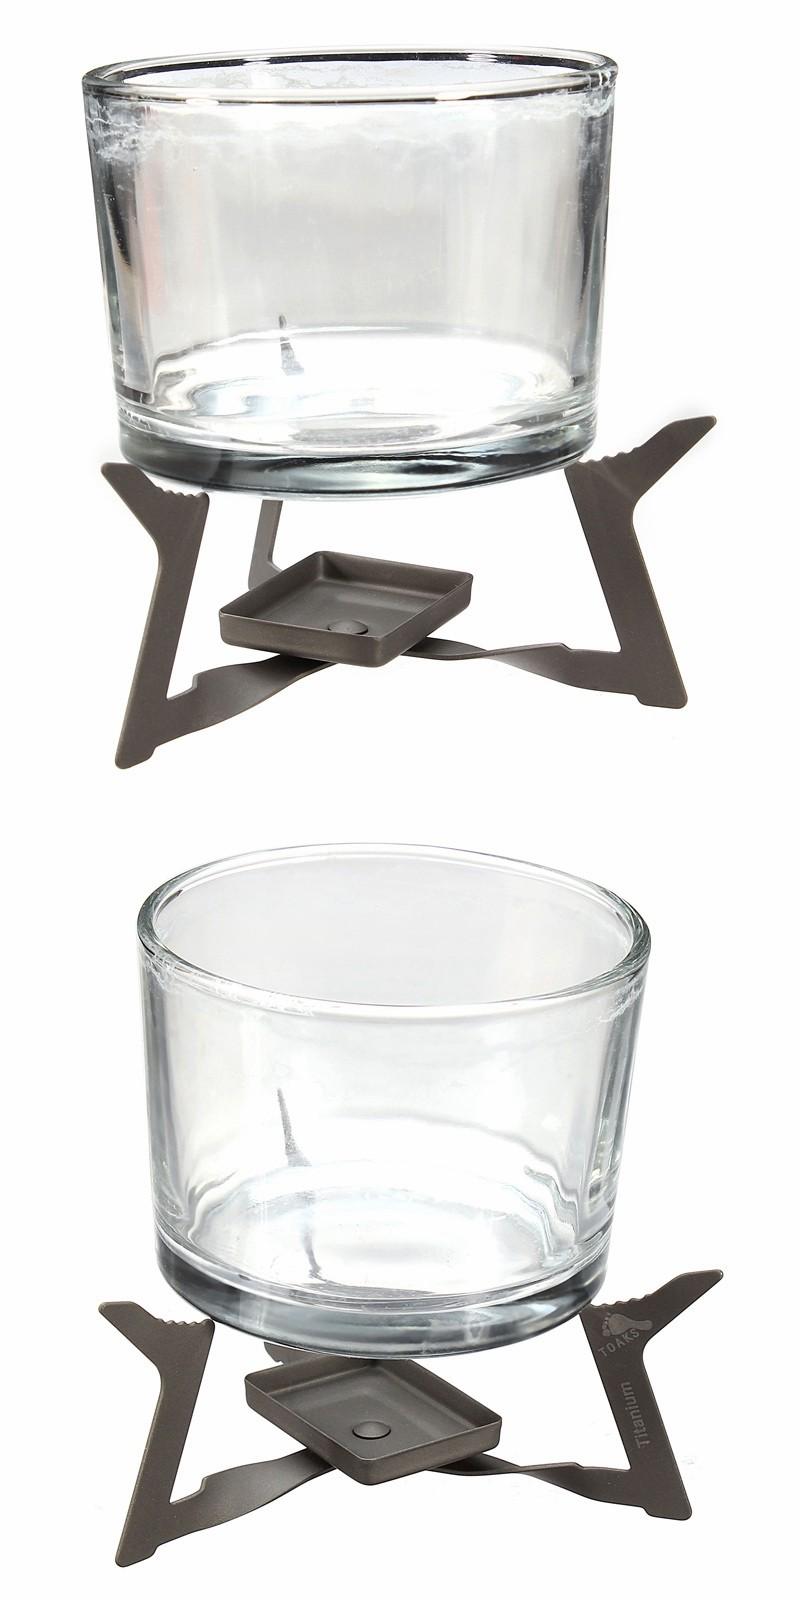 Ao ar livre portátil titânio puro caldeira álcool sólido e fogão dobrável